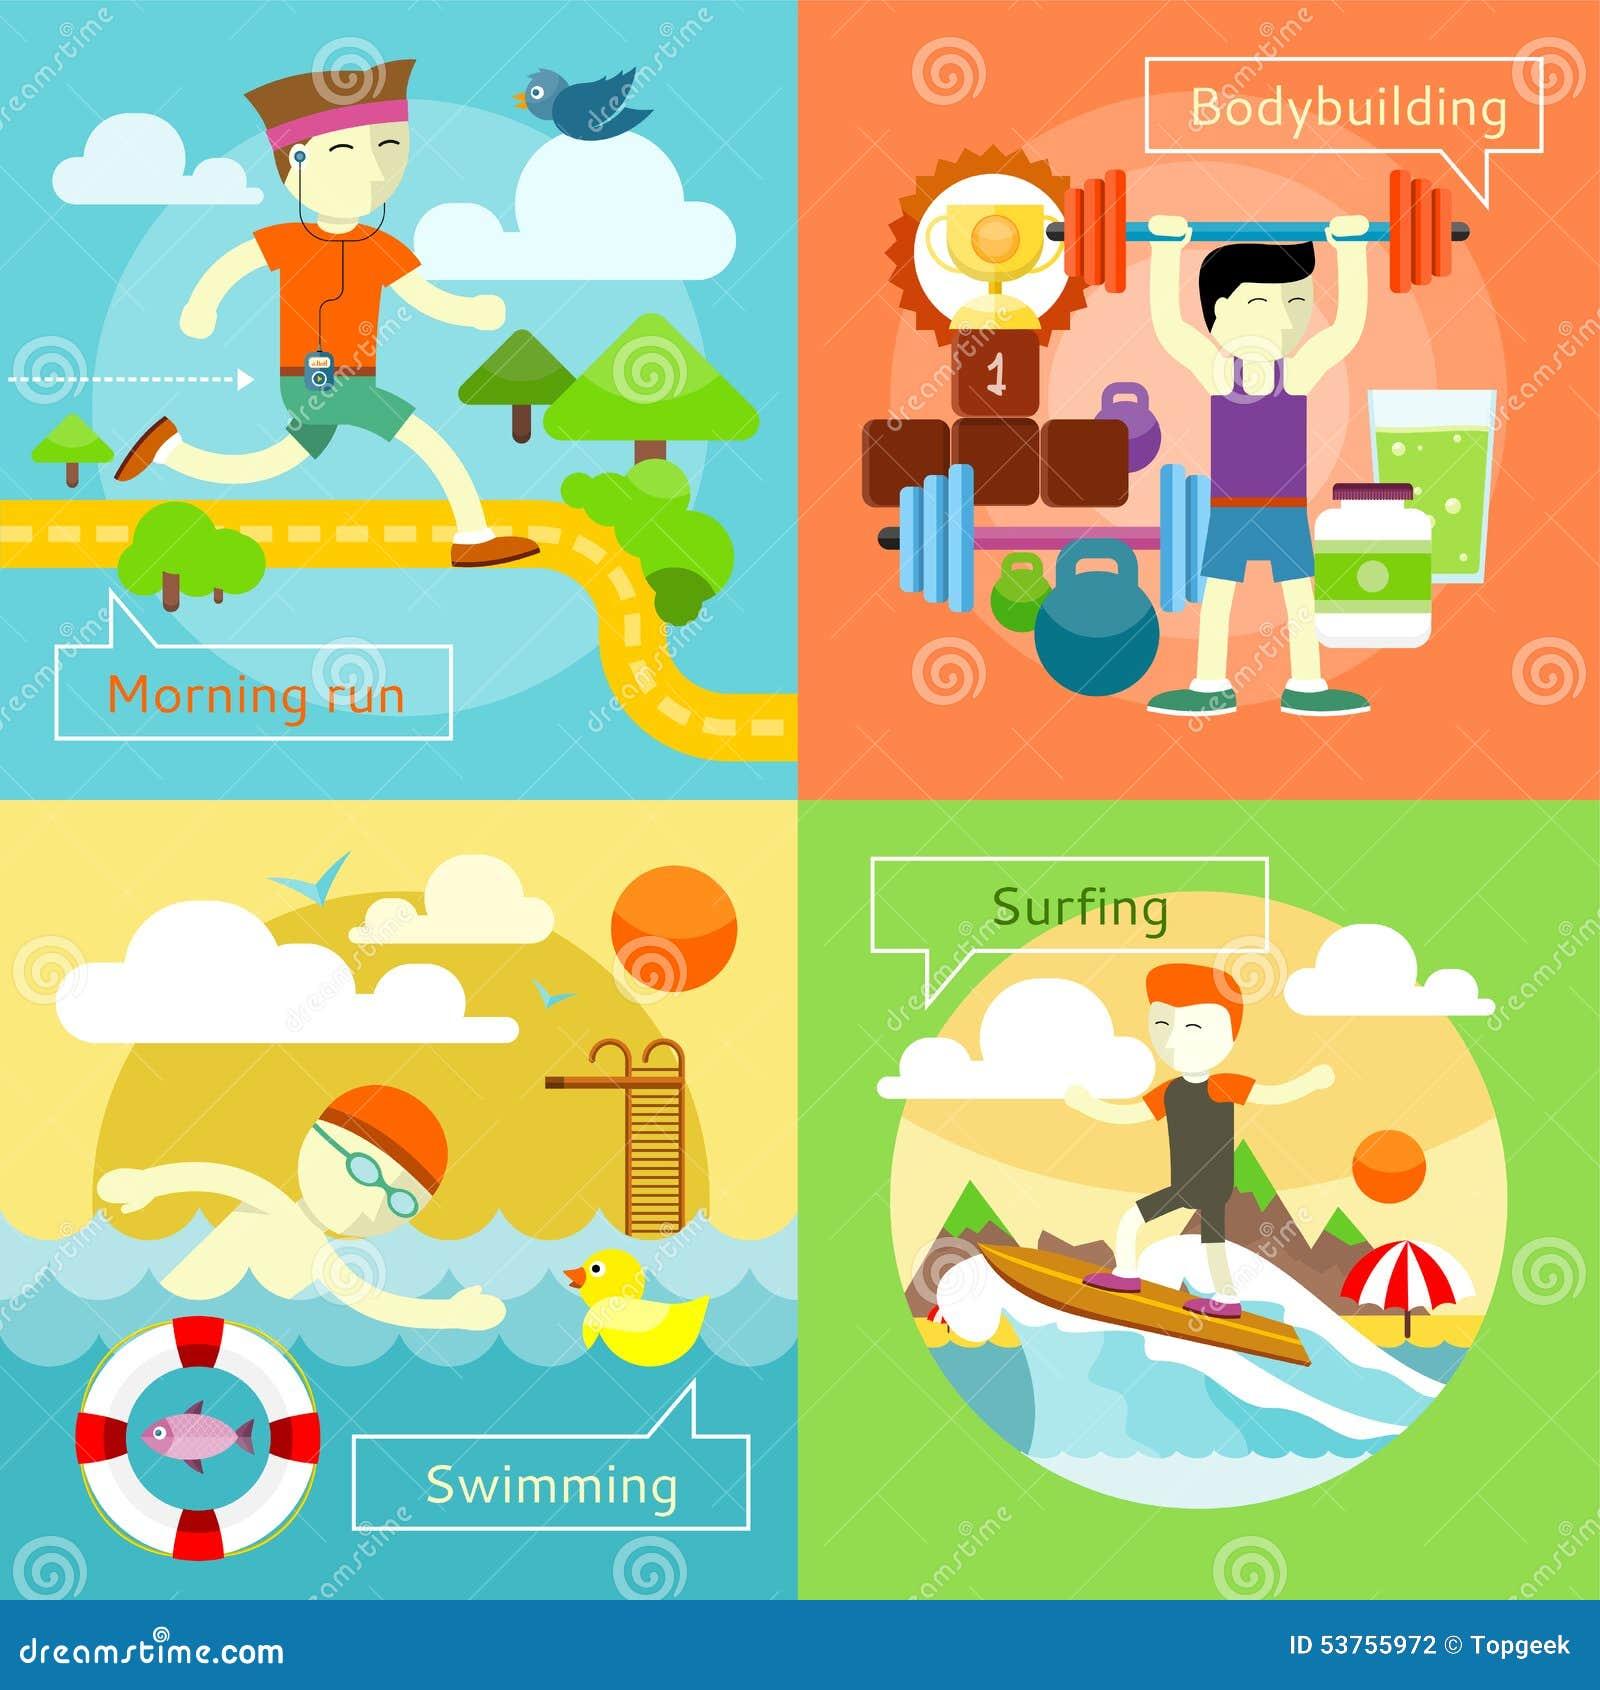 Surfing, dopłynięcie, ranku bieg i Bodybuilding,